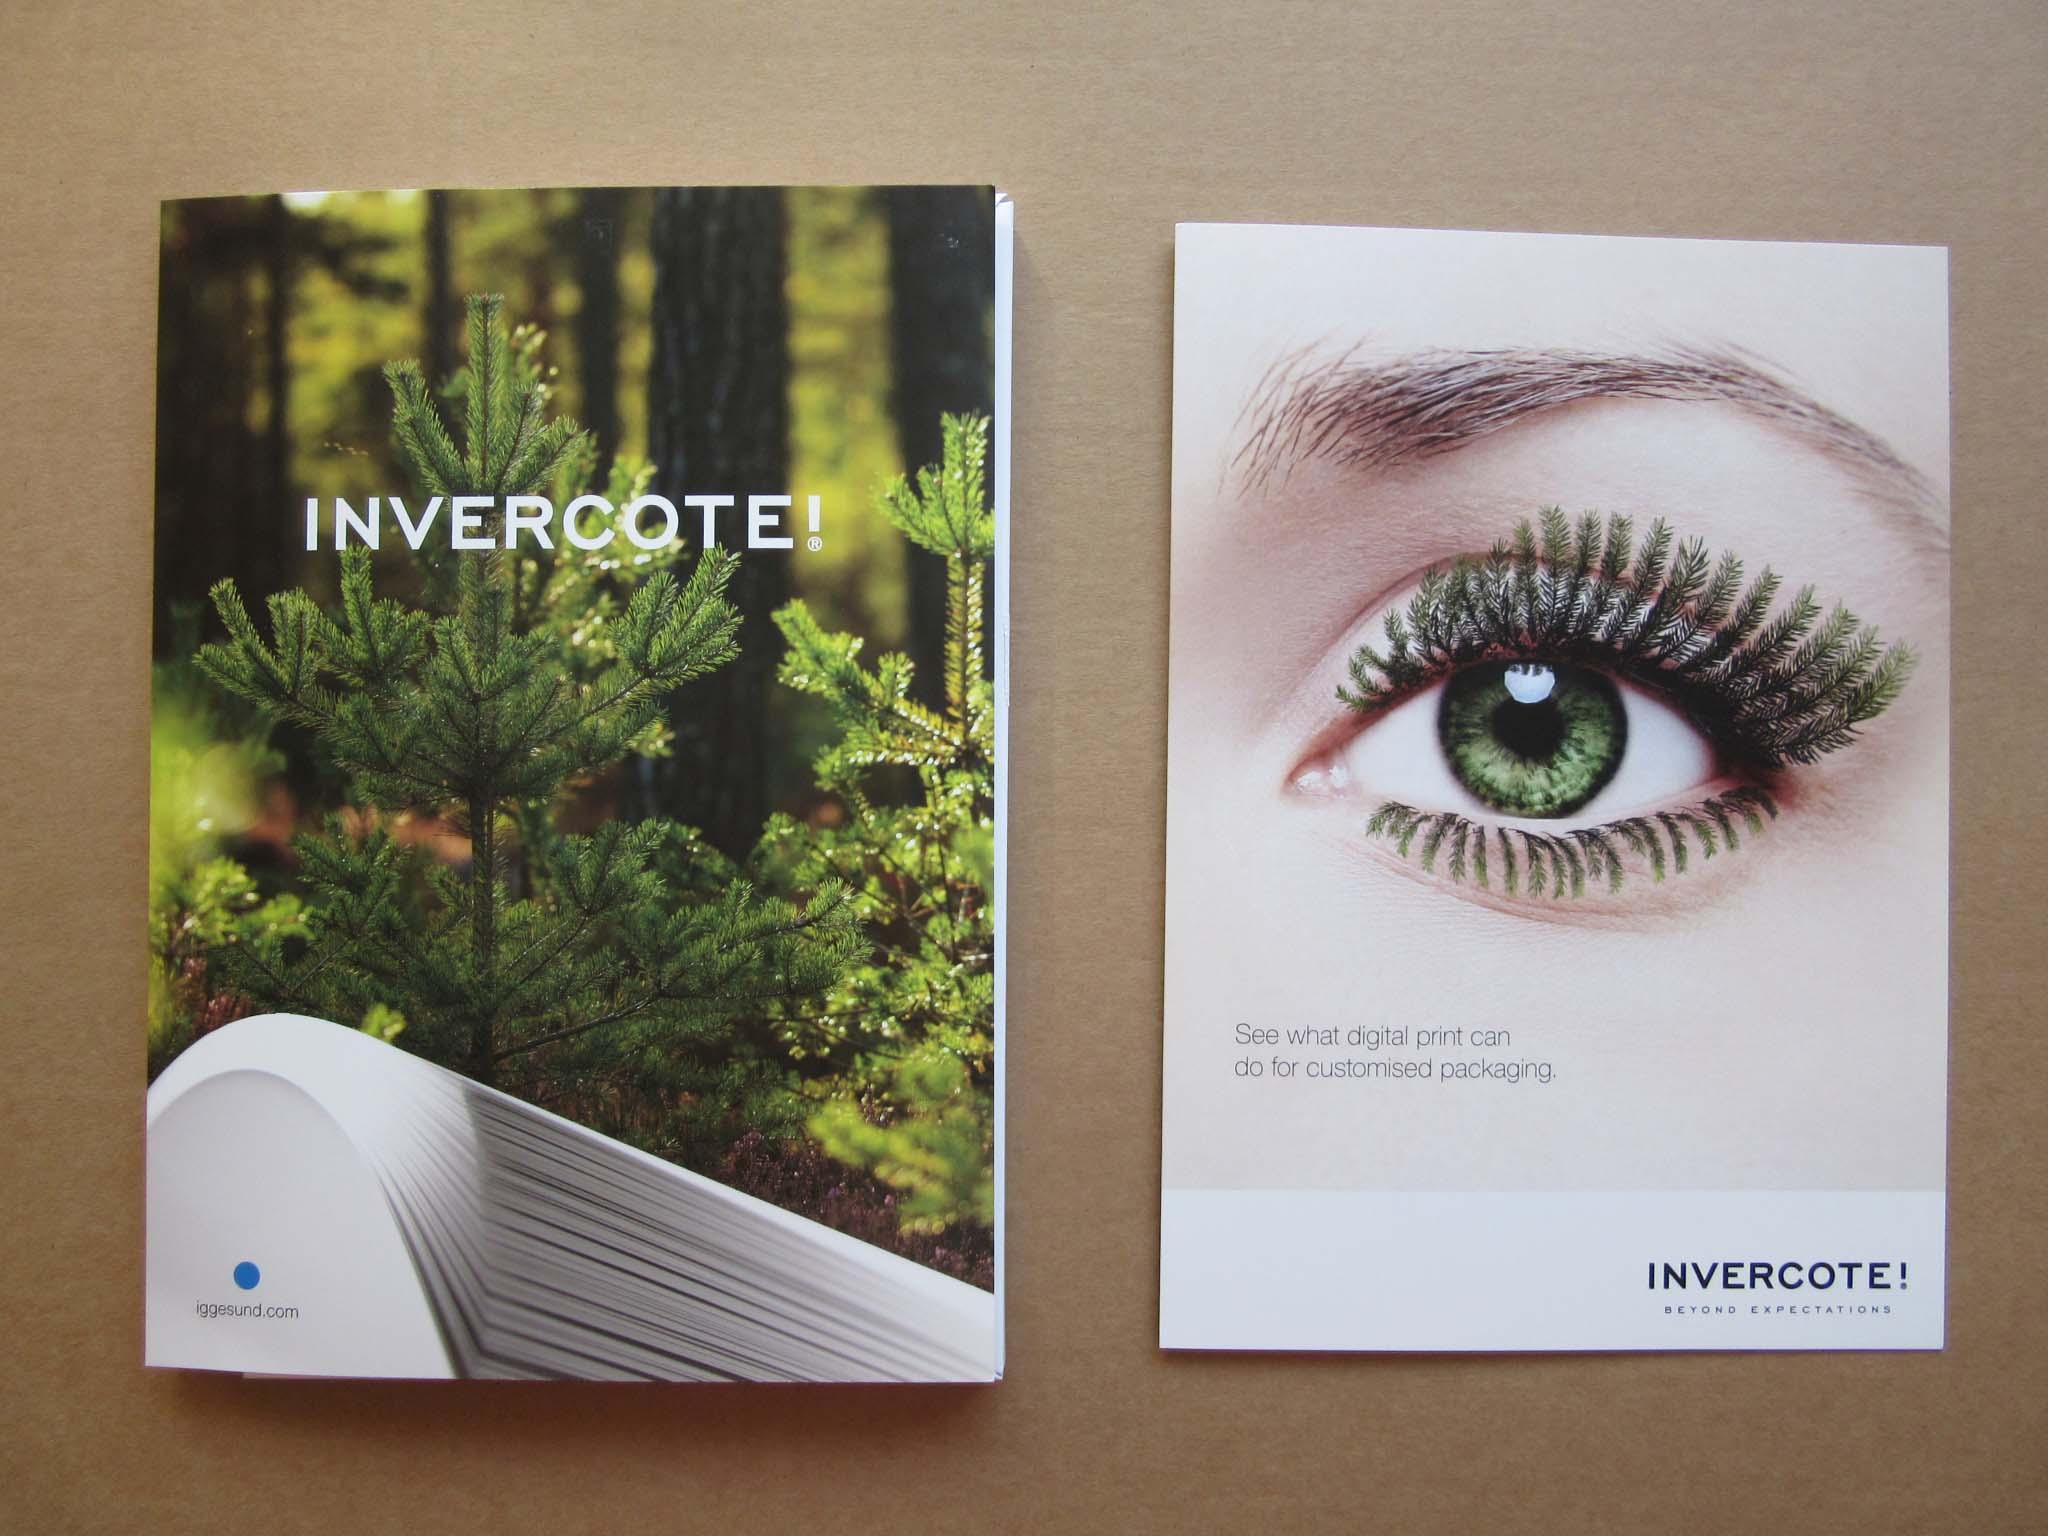 Iggesund Invercote kartongi näidised